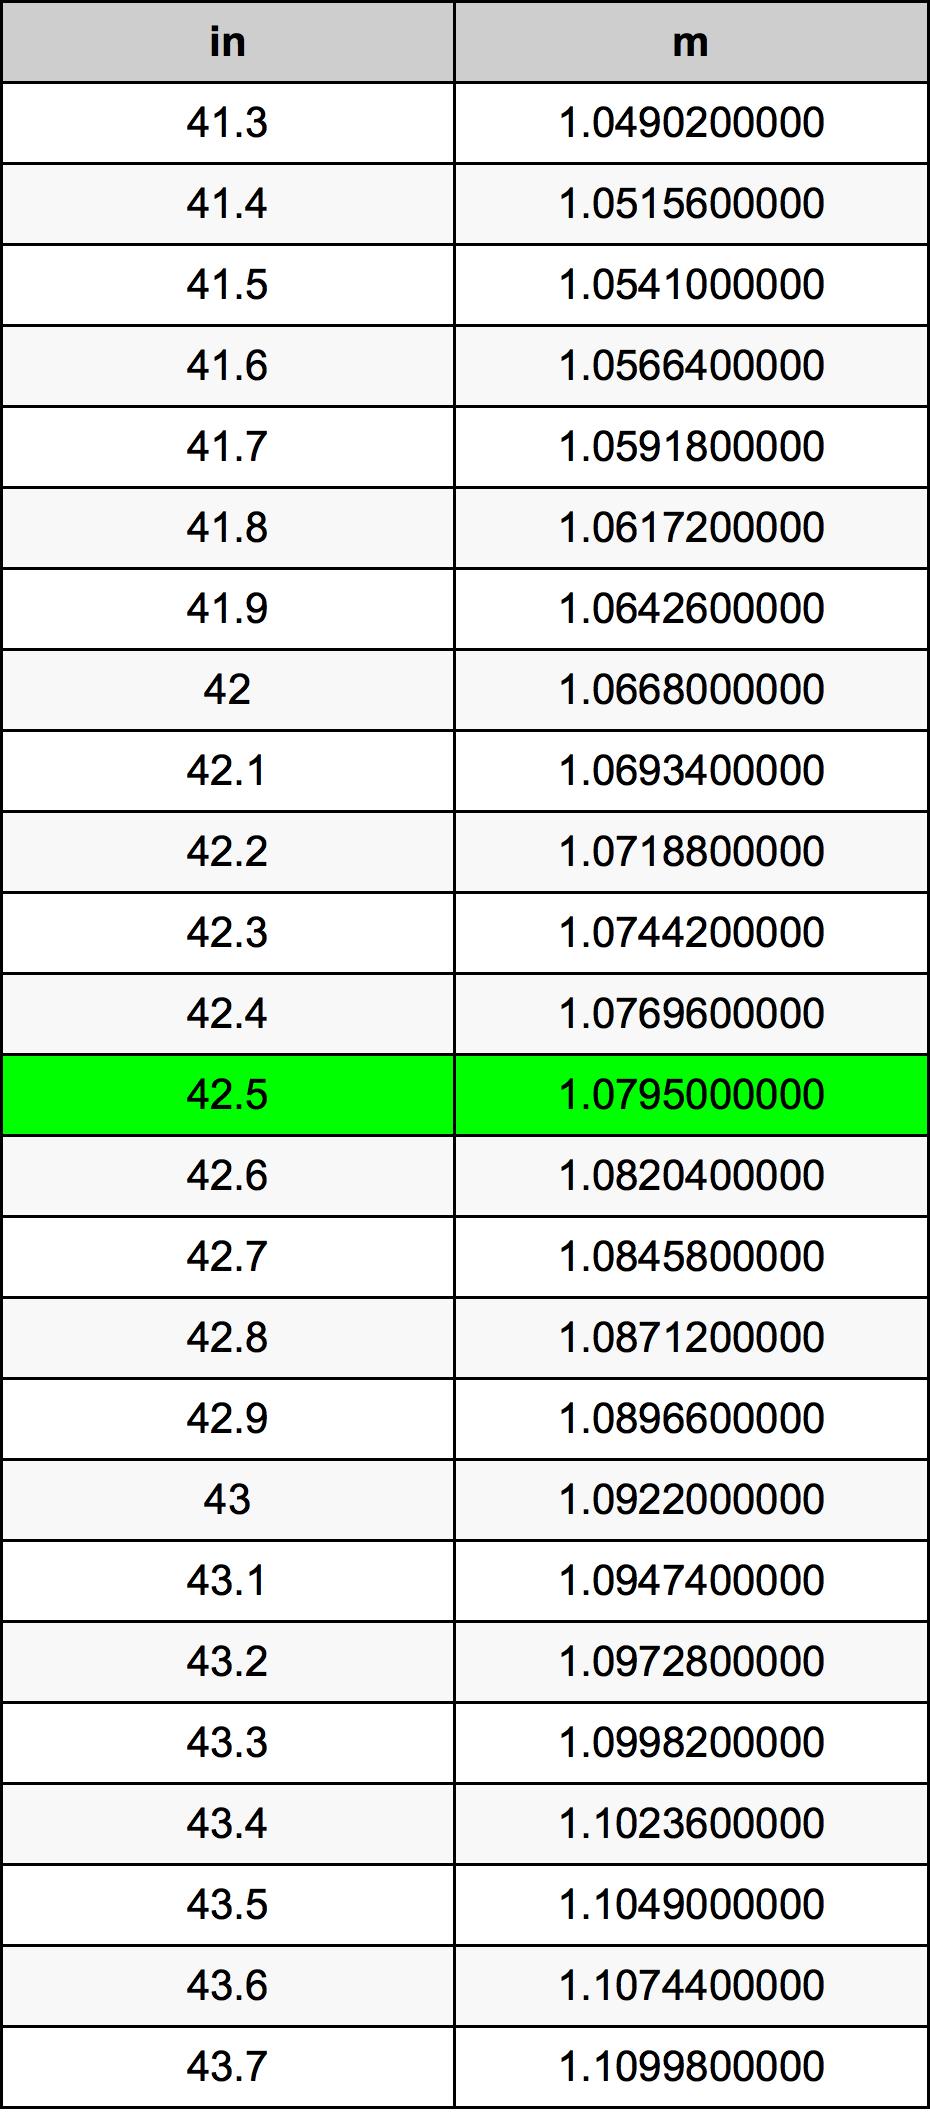 42.5 Pulzier konverżjoni tabella